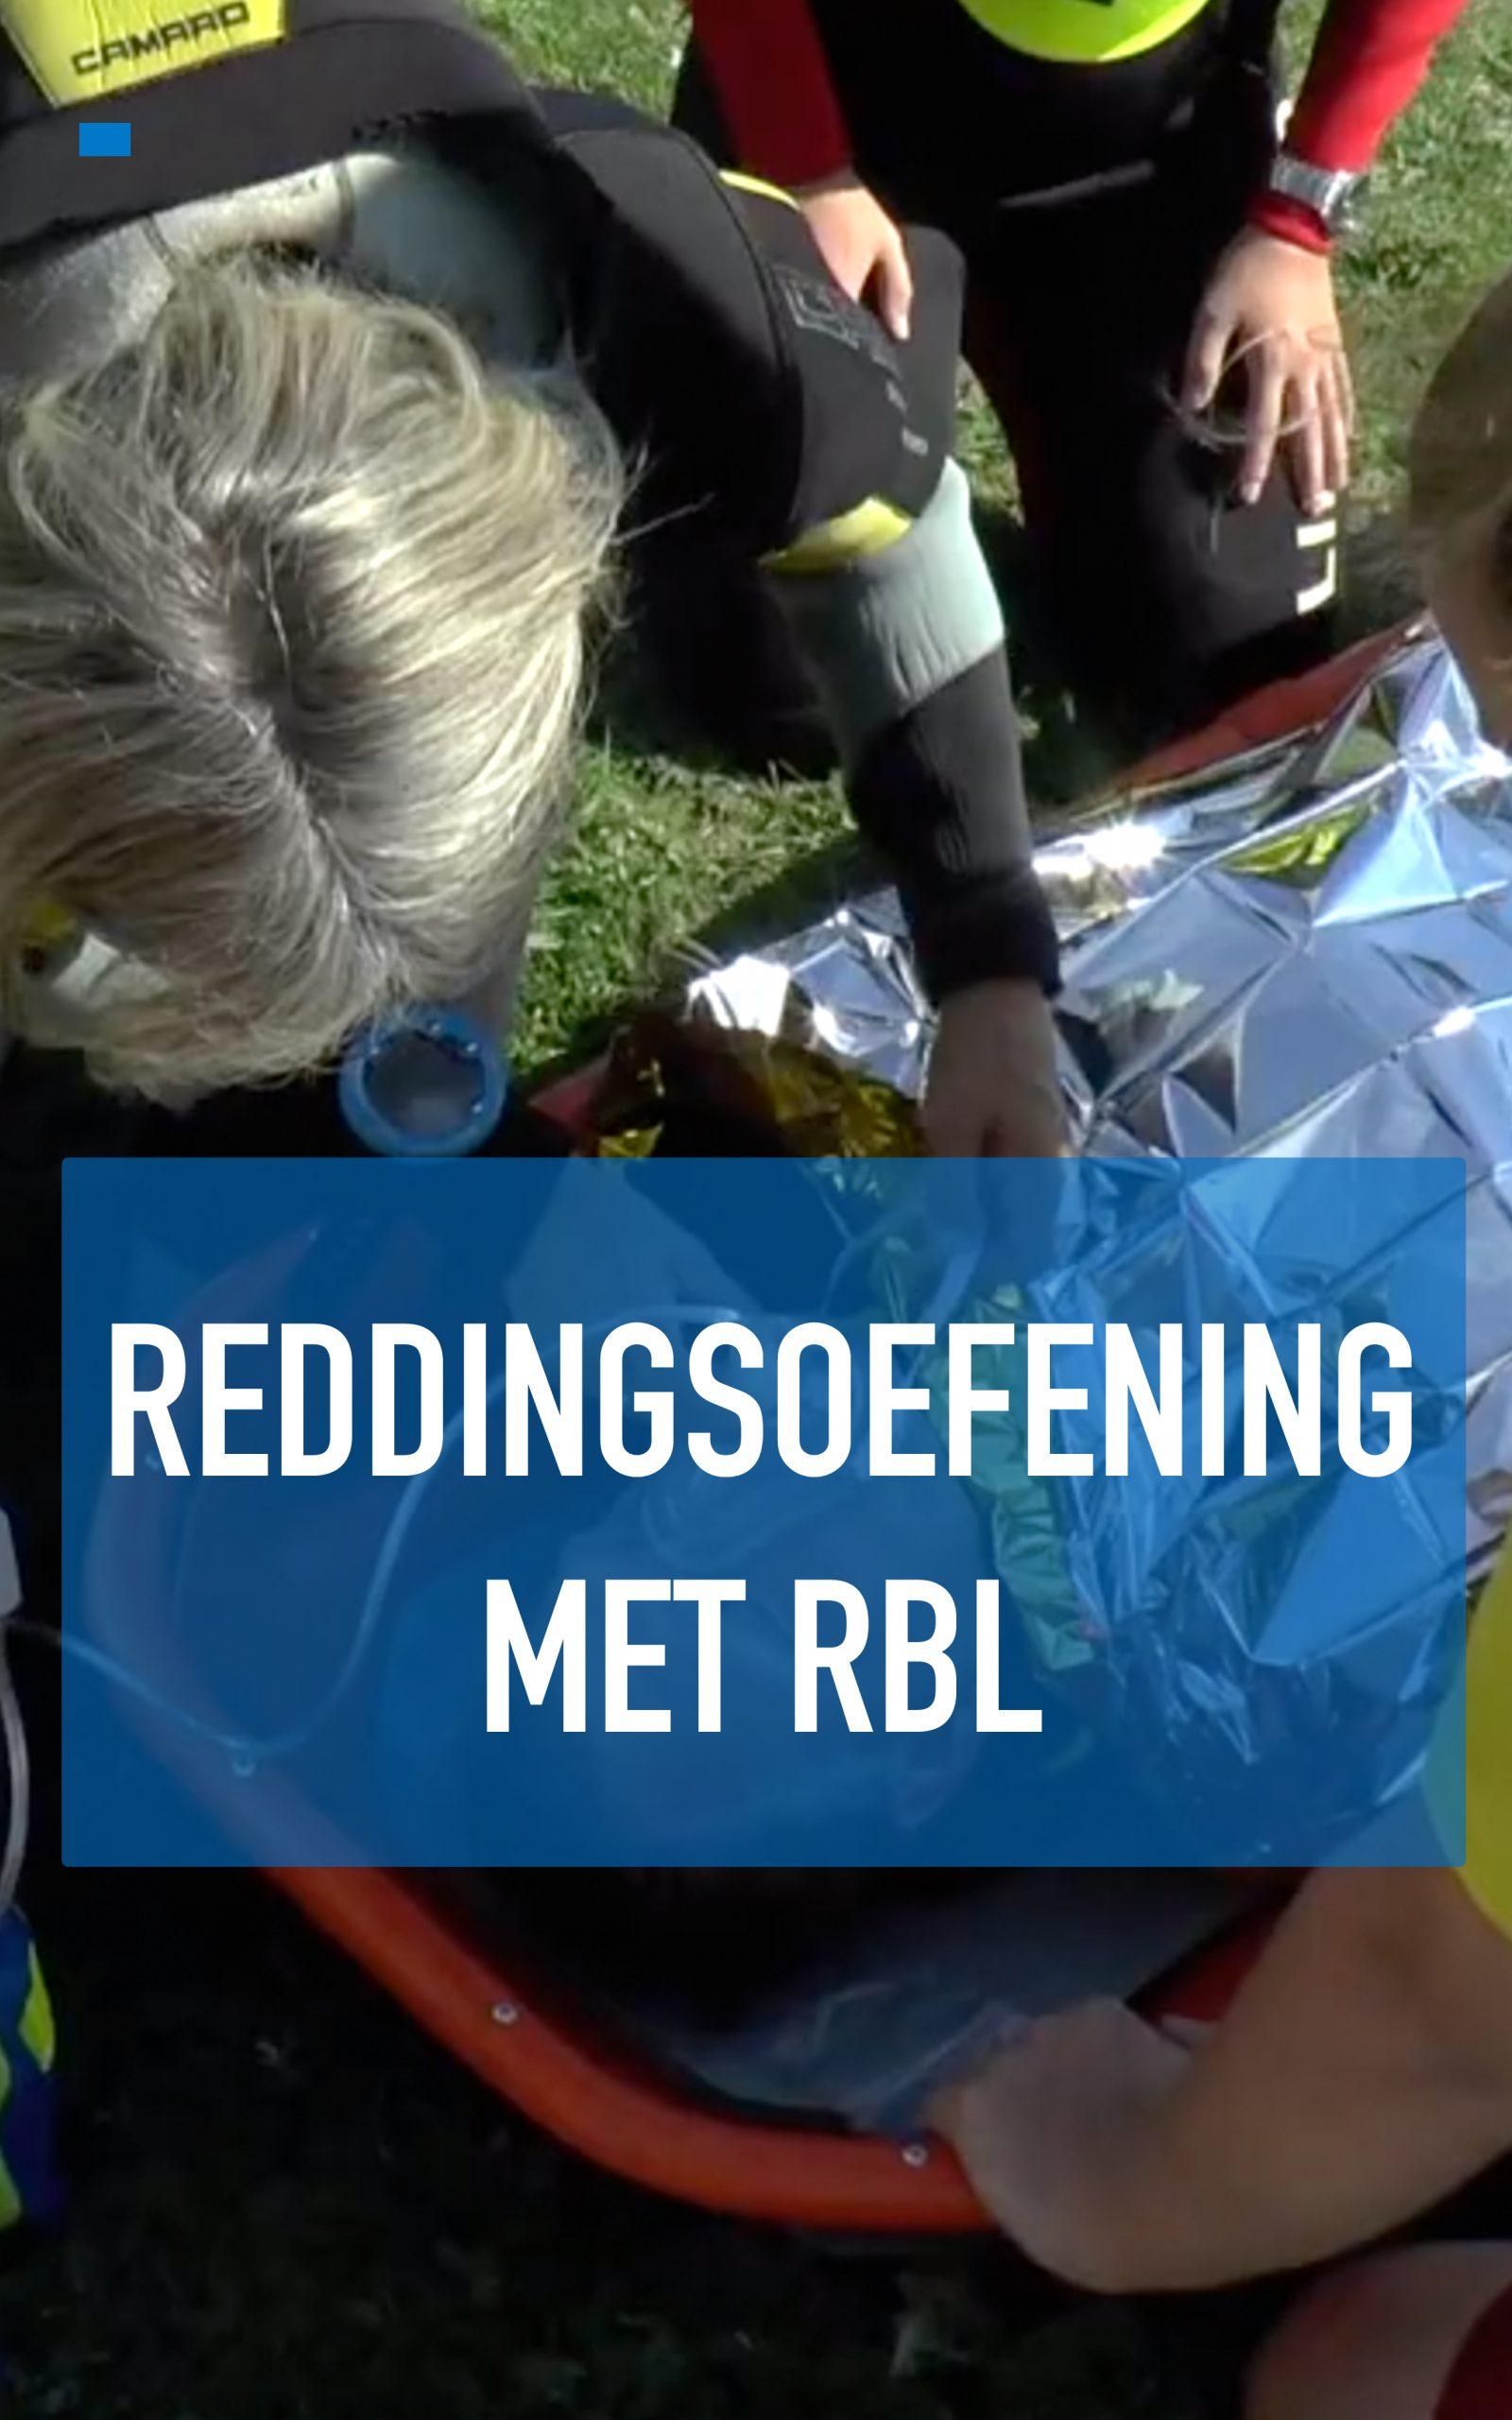 Reddingsoefening met RBL